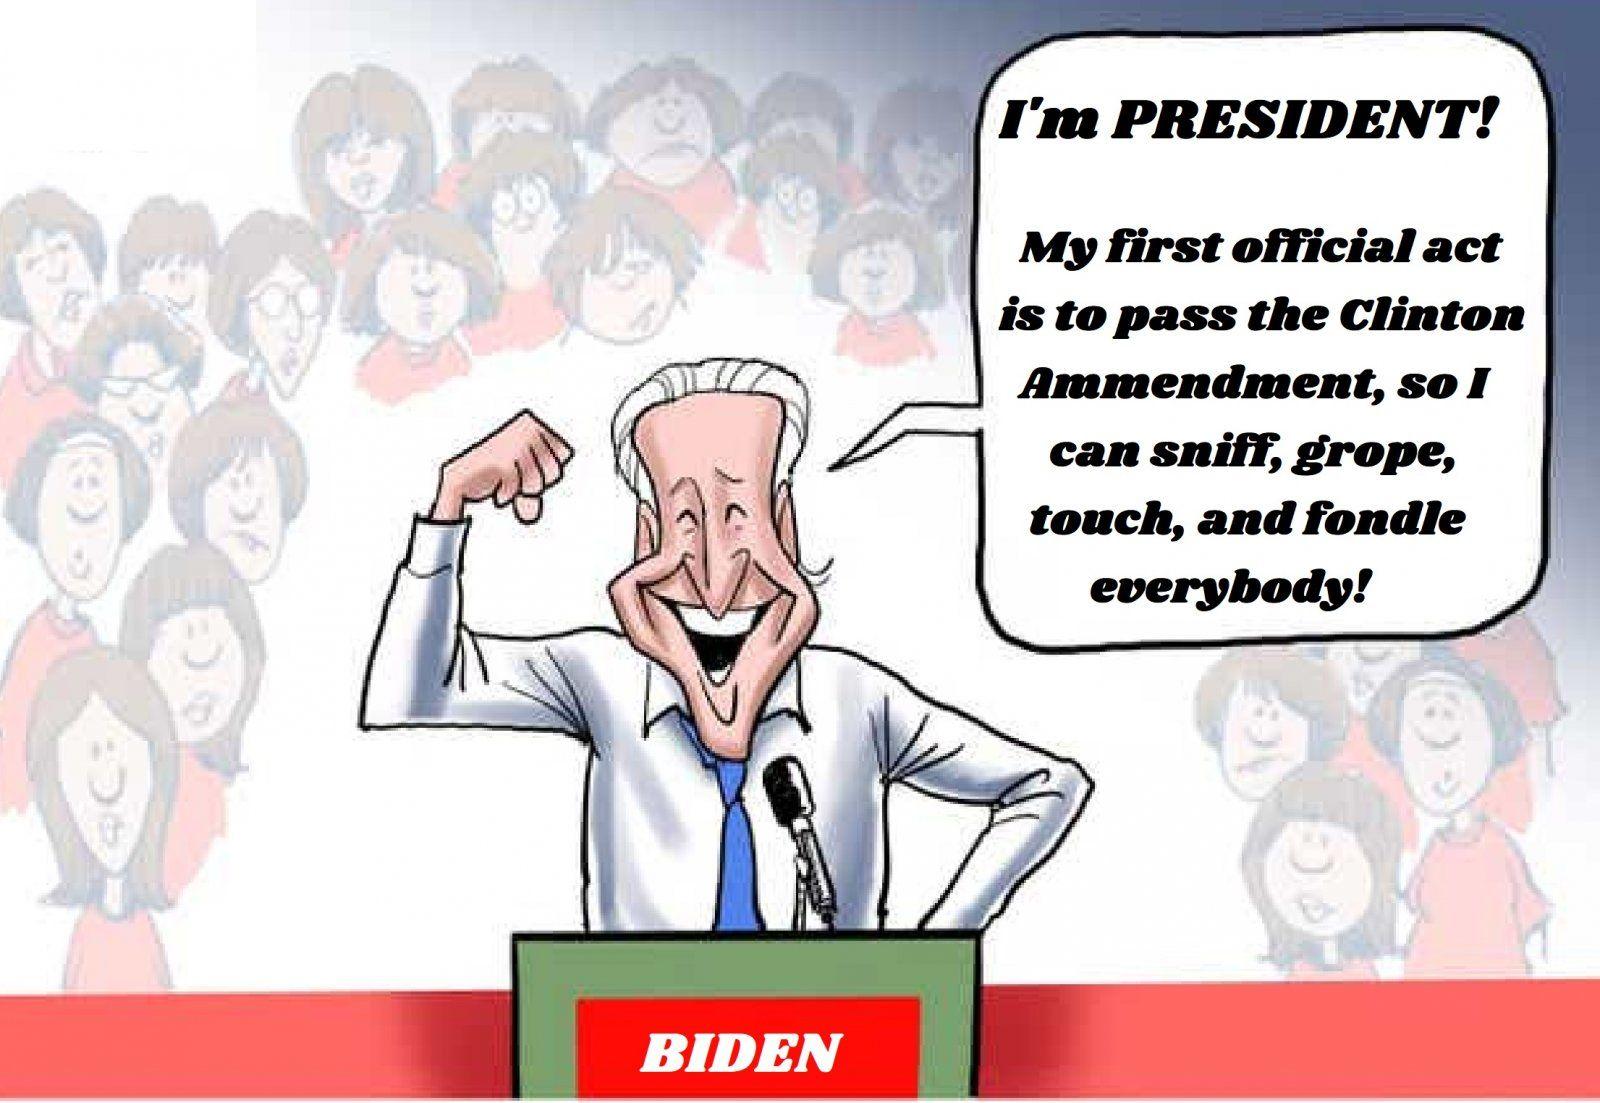 Biden sniffing groping fondling.jpg